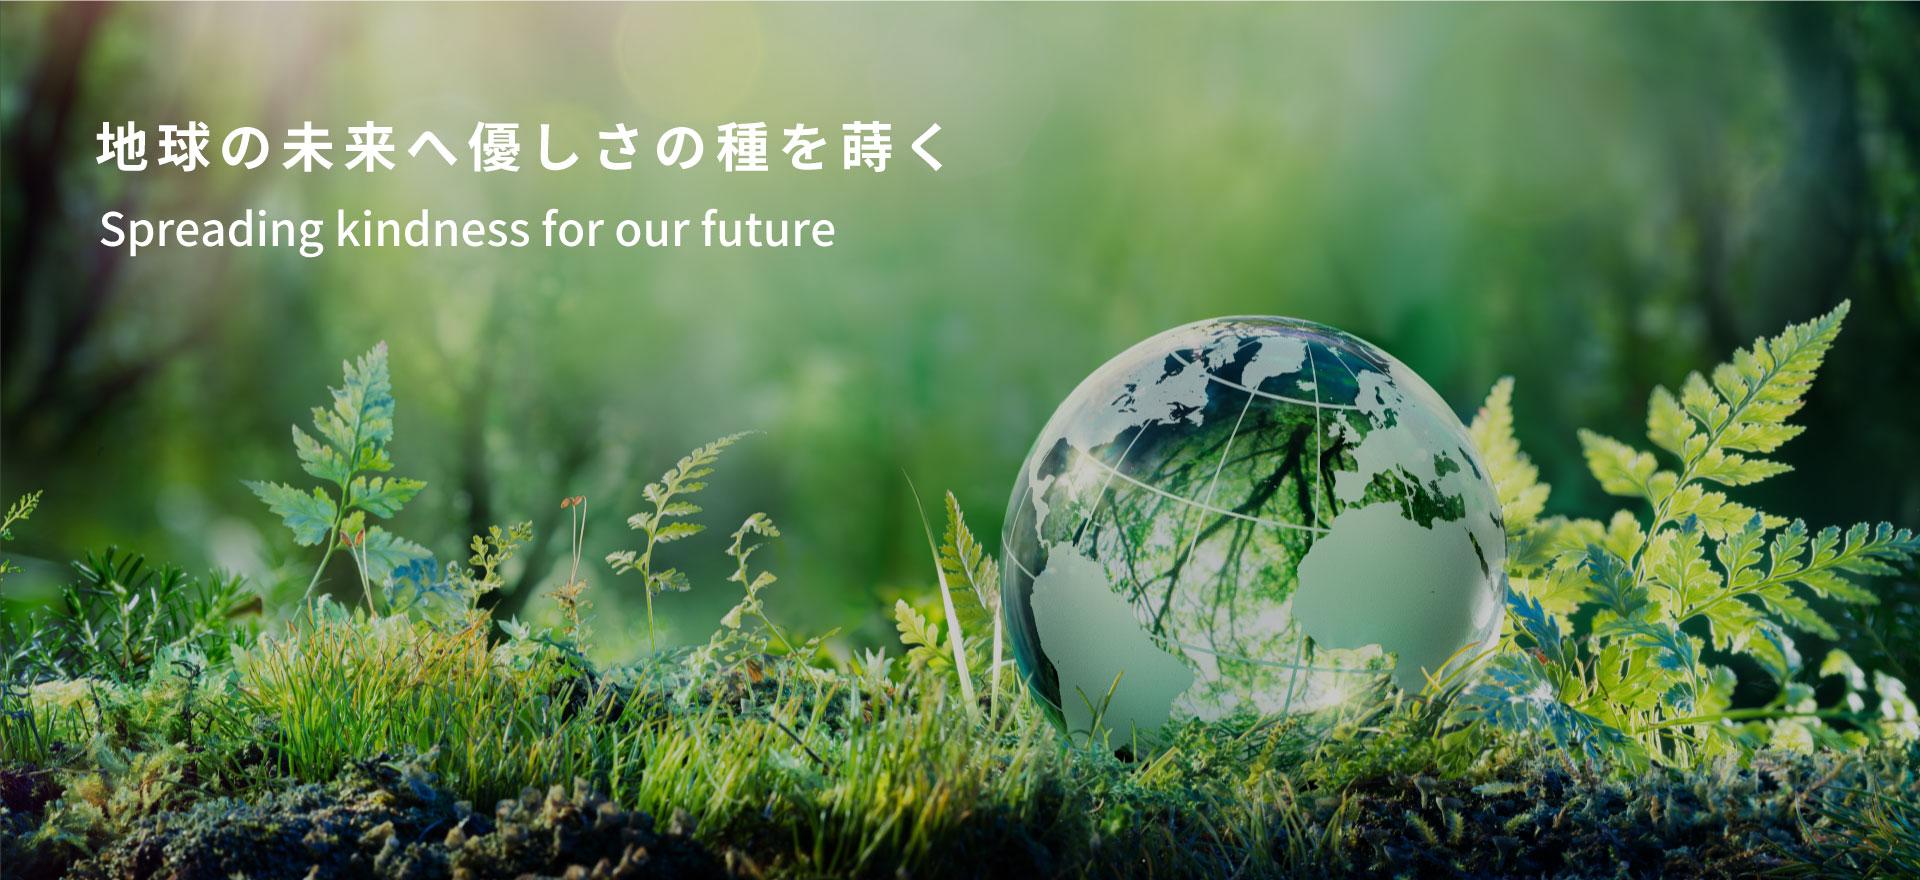 地球の未来に優しさの種を蒔く